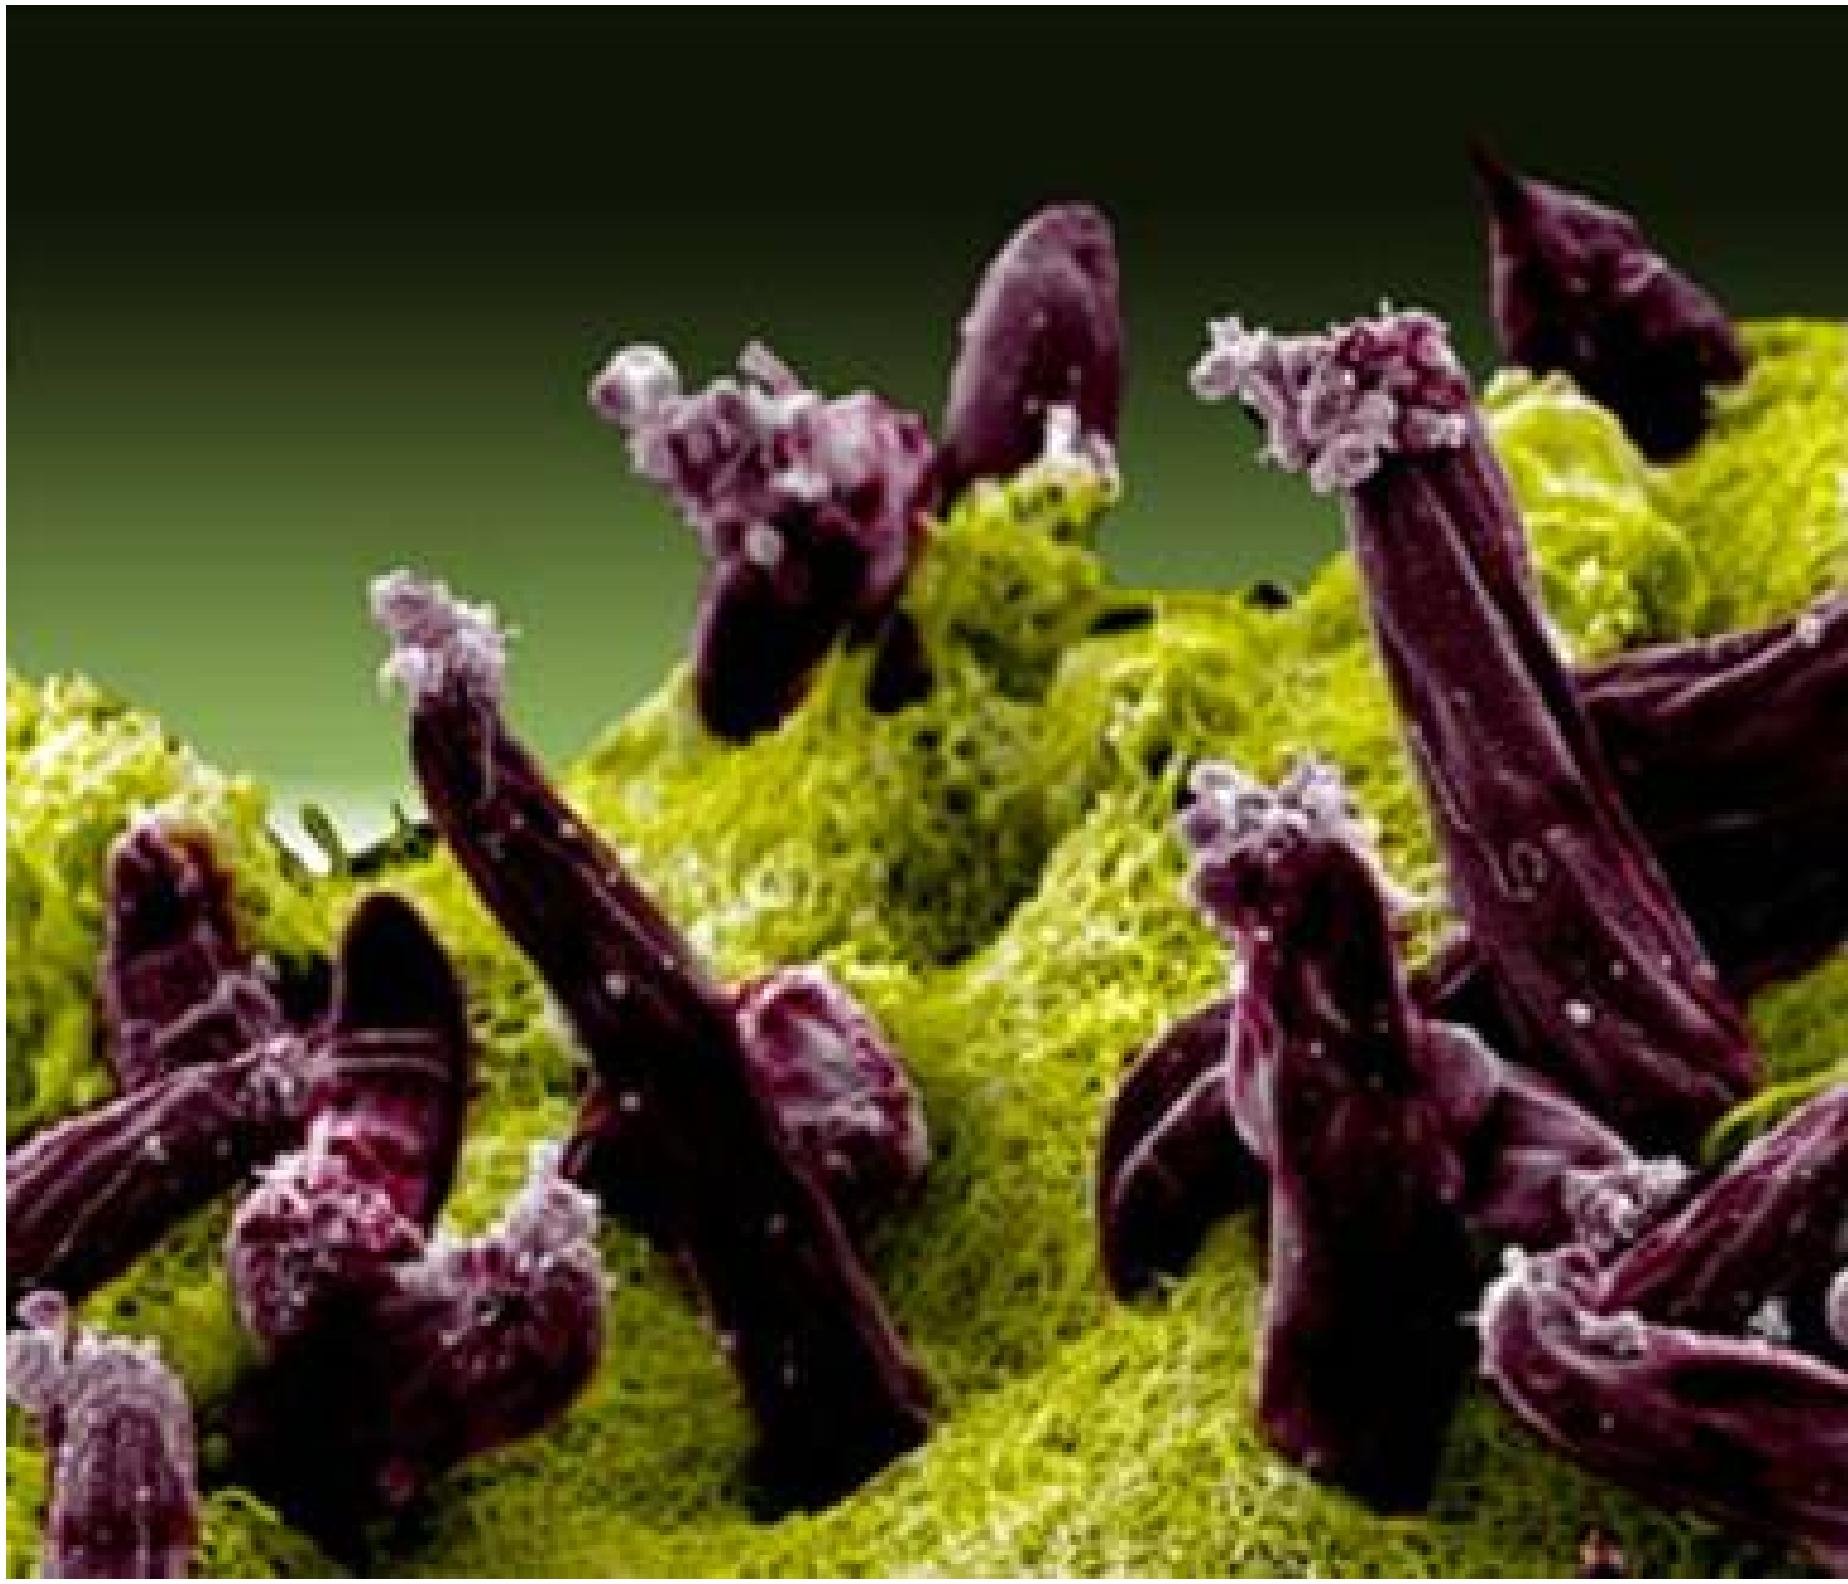 Malaria: Plasmodium gallinaceum